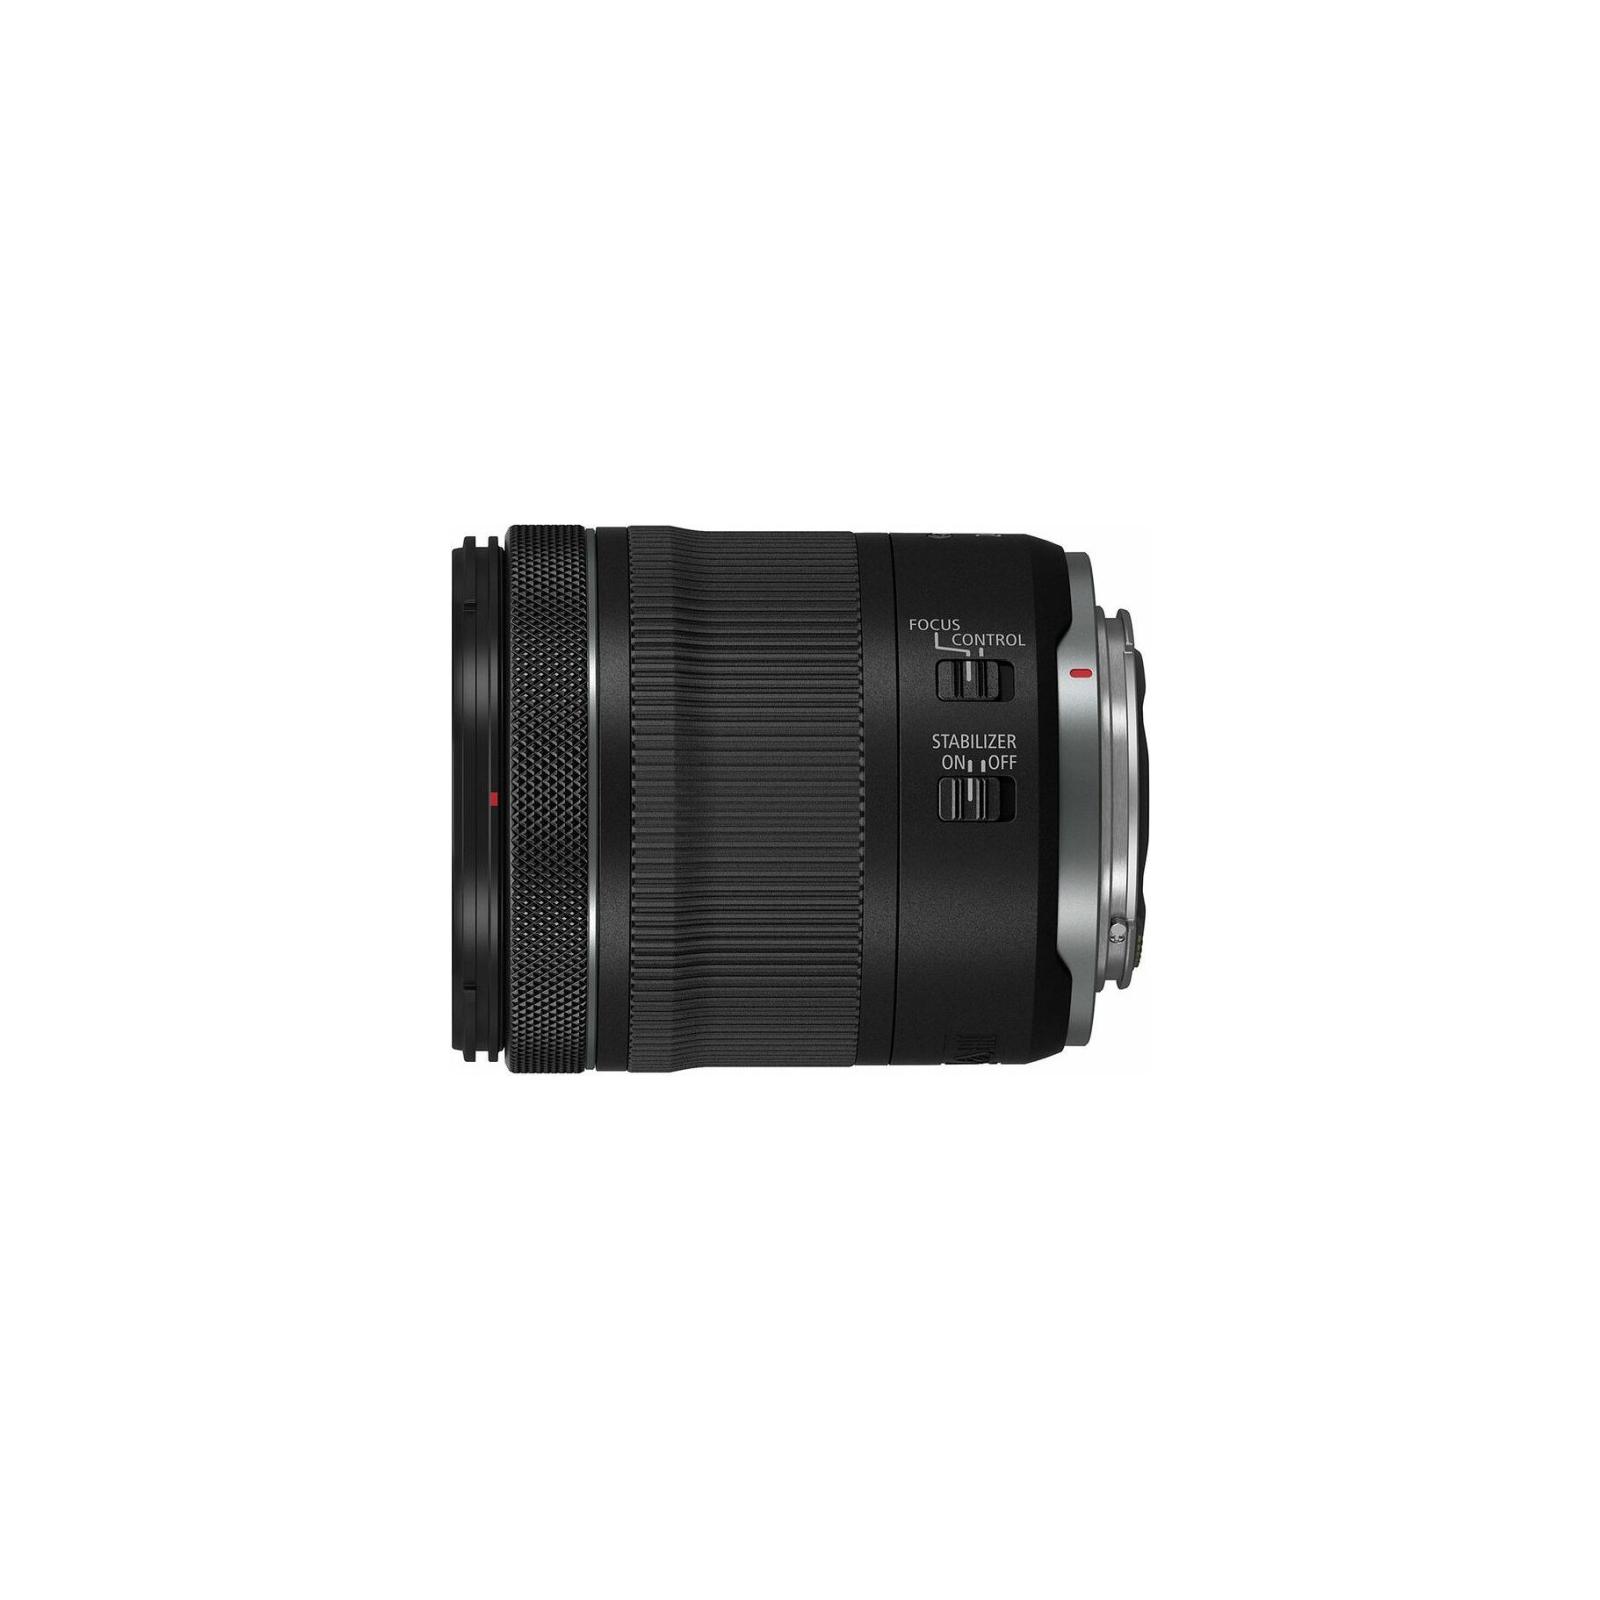 Объектив Canon RF 24-105mm f/4.0-7.1 IS STM (4111C005) изображение 3